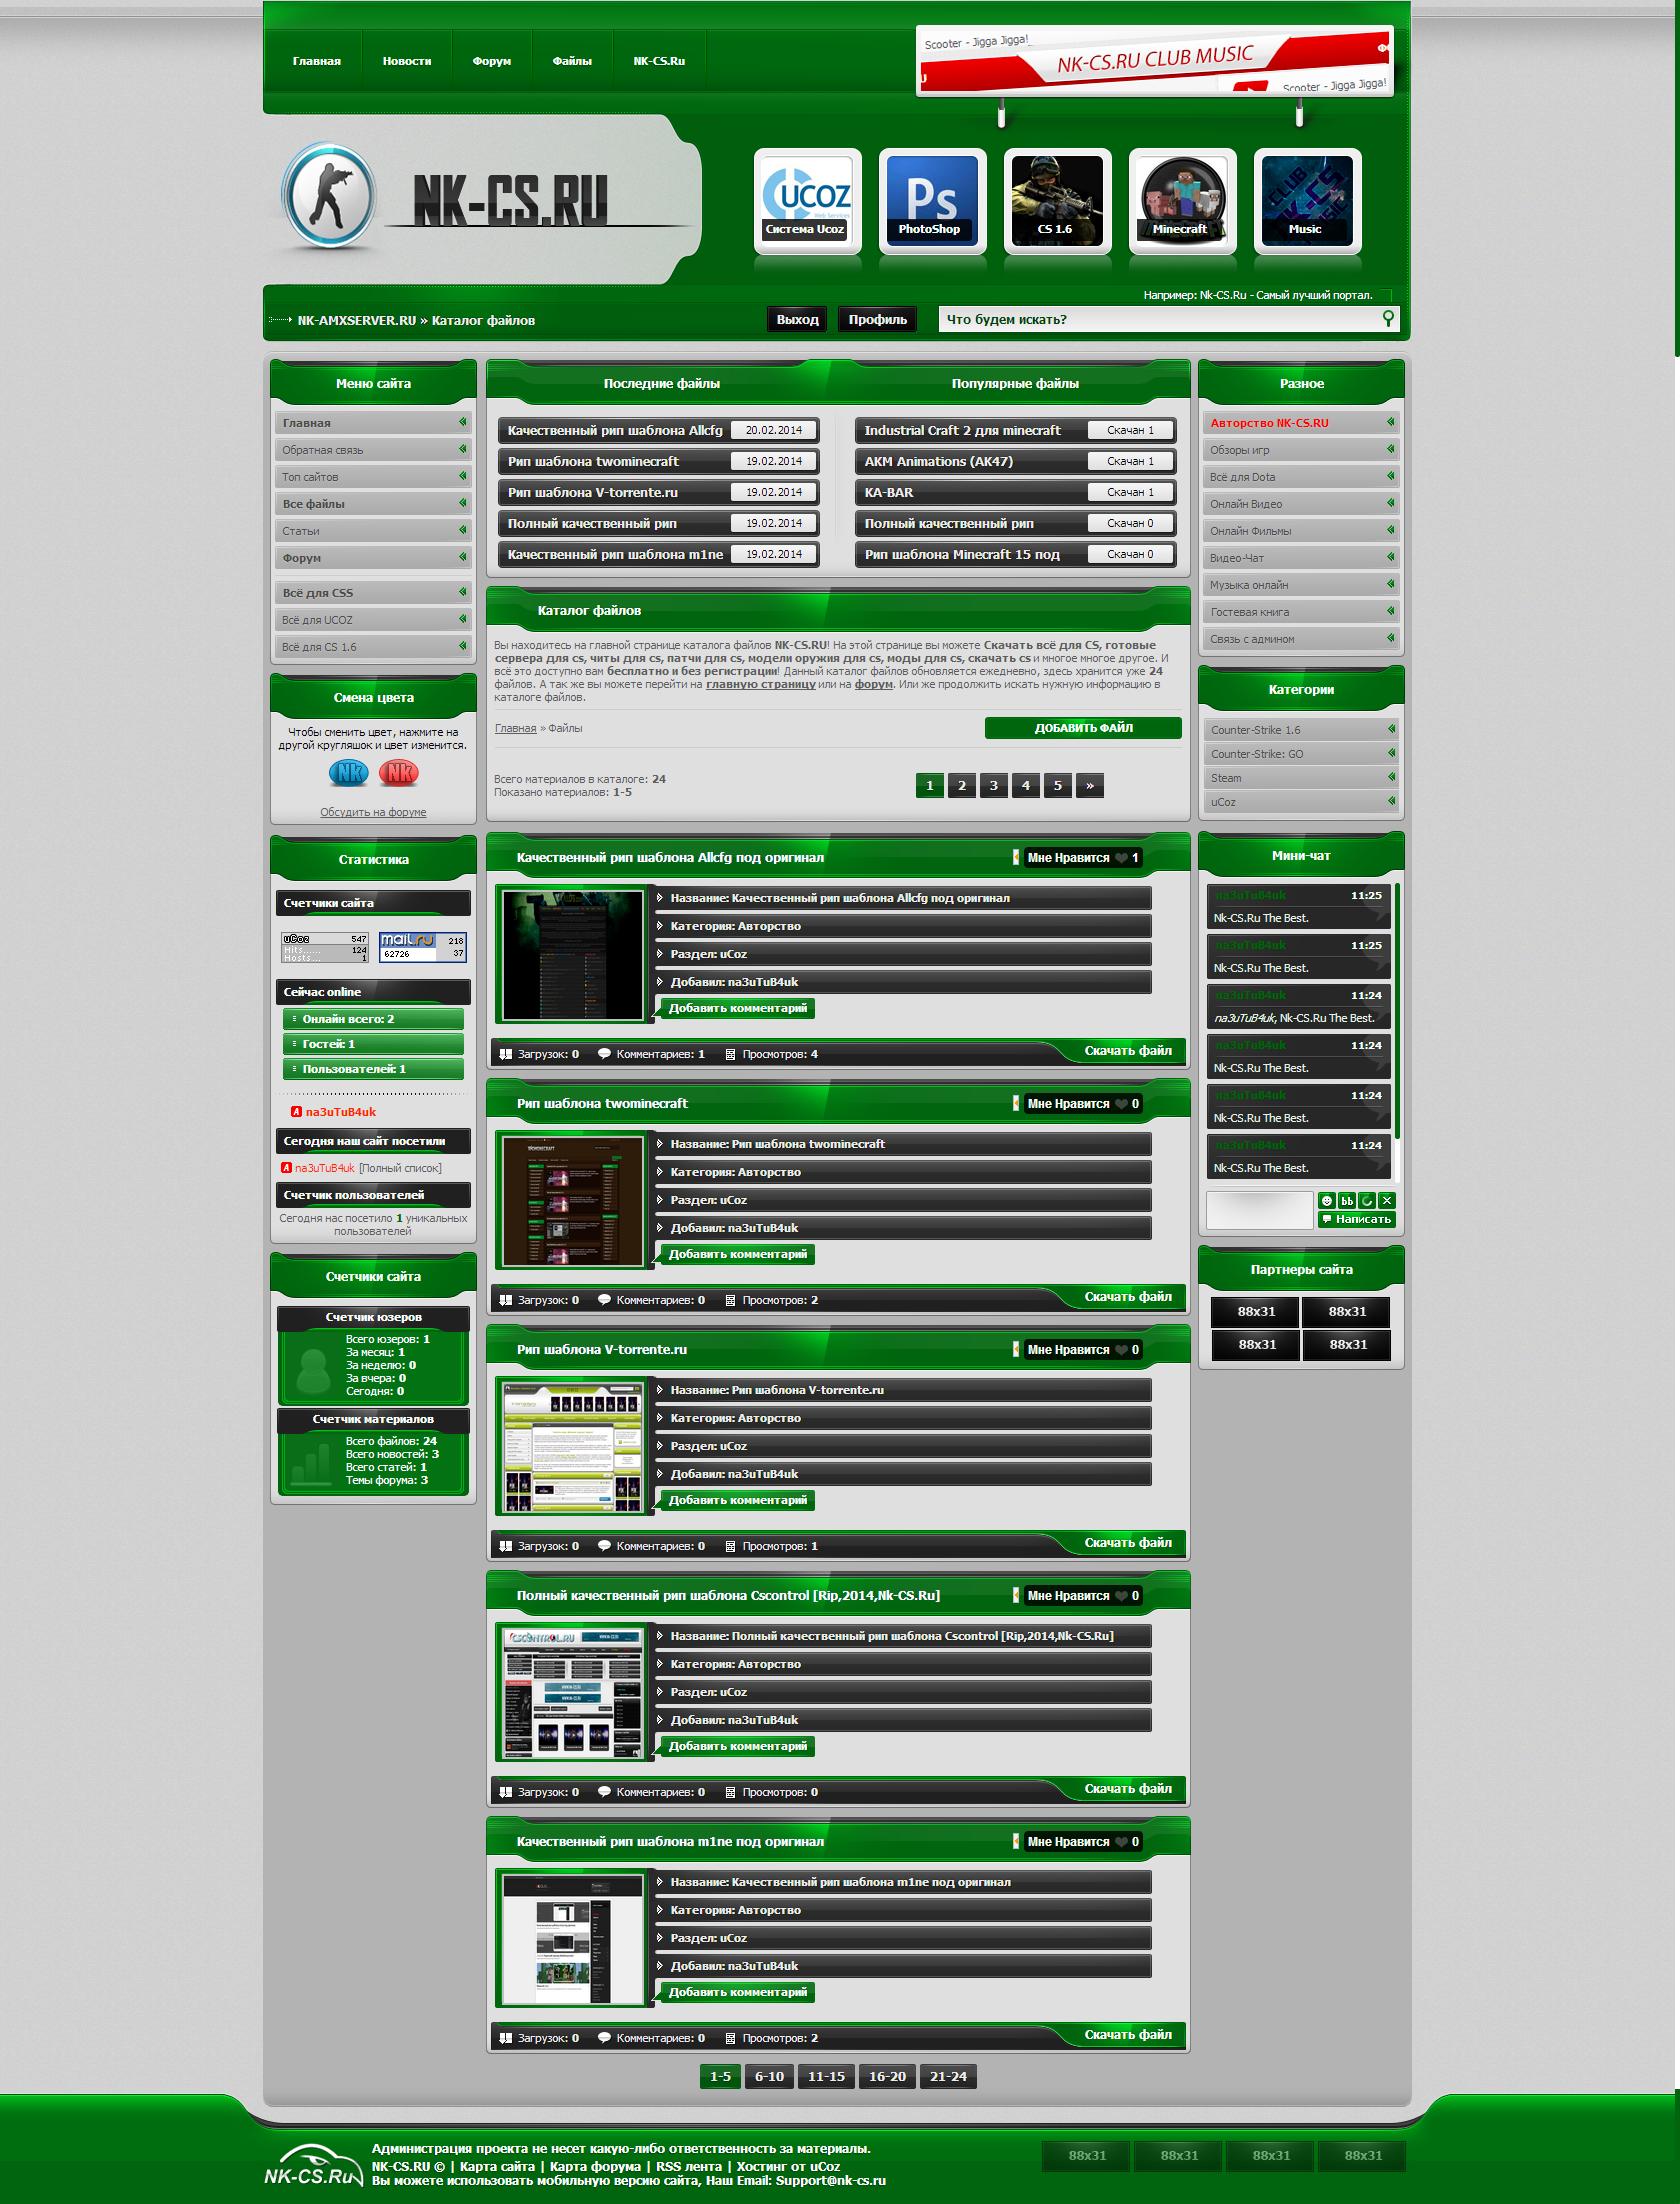 Раскрутка сайтов про кс программирование, создание сайтов